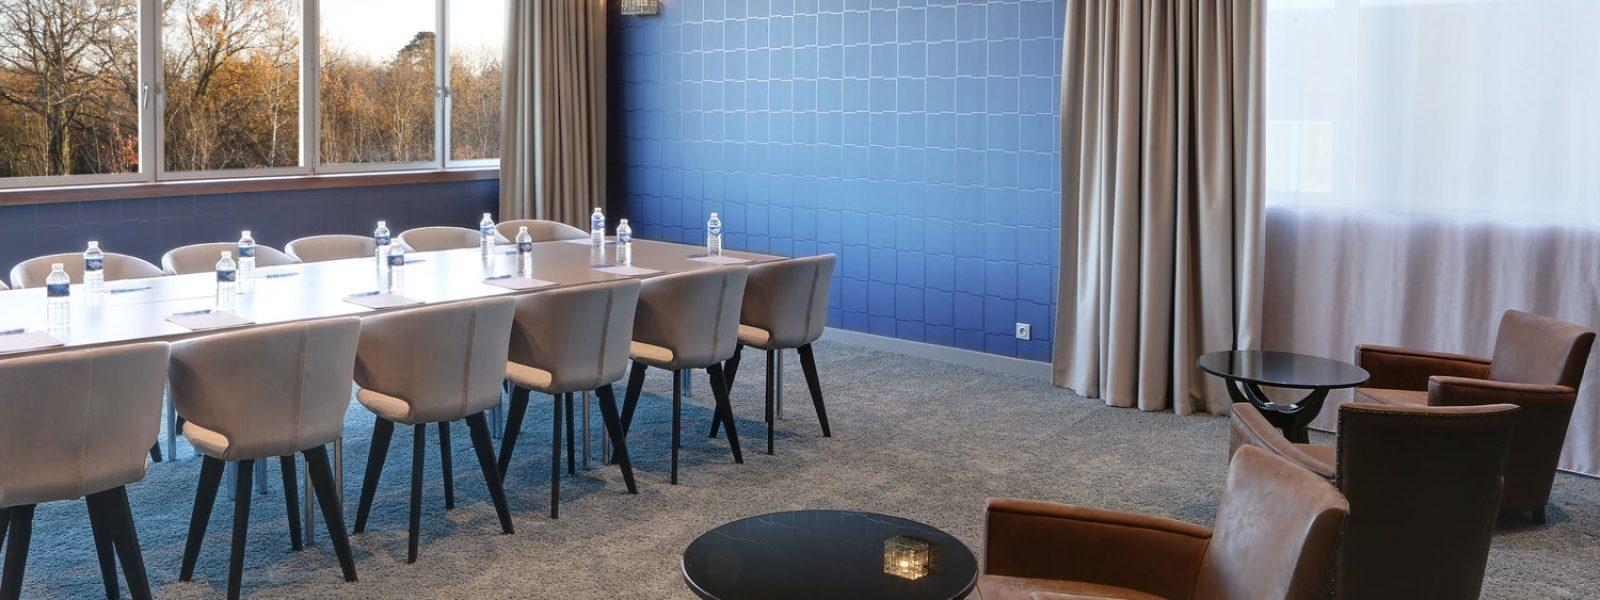 Salle de réunion du Best Western Plus Hôtel Isidore dans l'éco-quartier de la Courrouze à Rennes